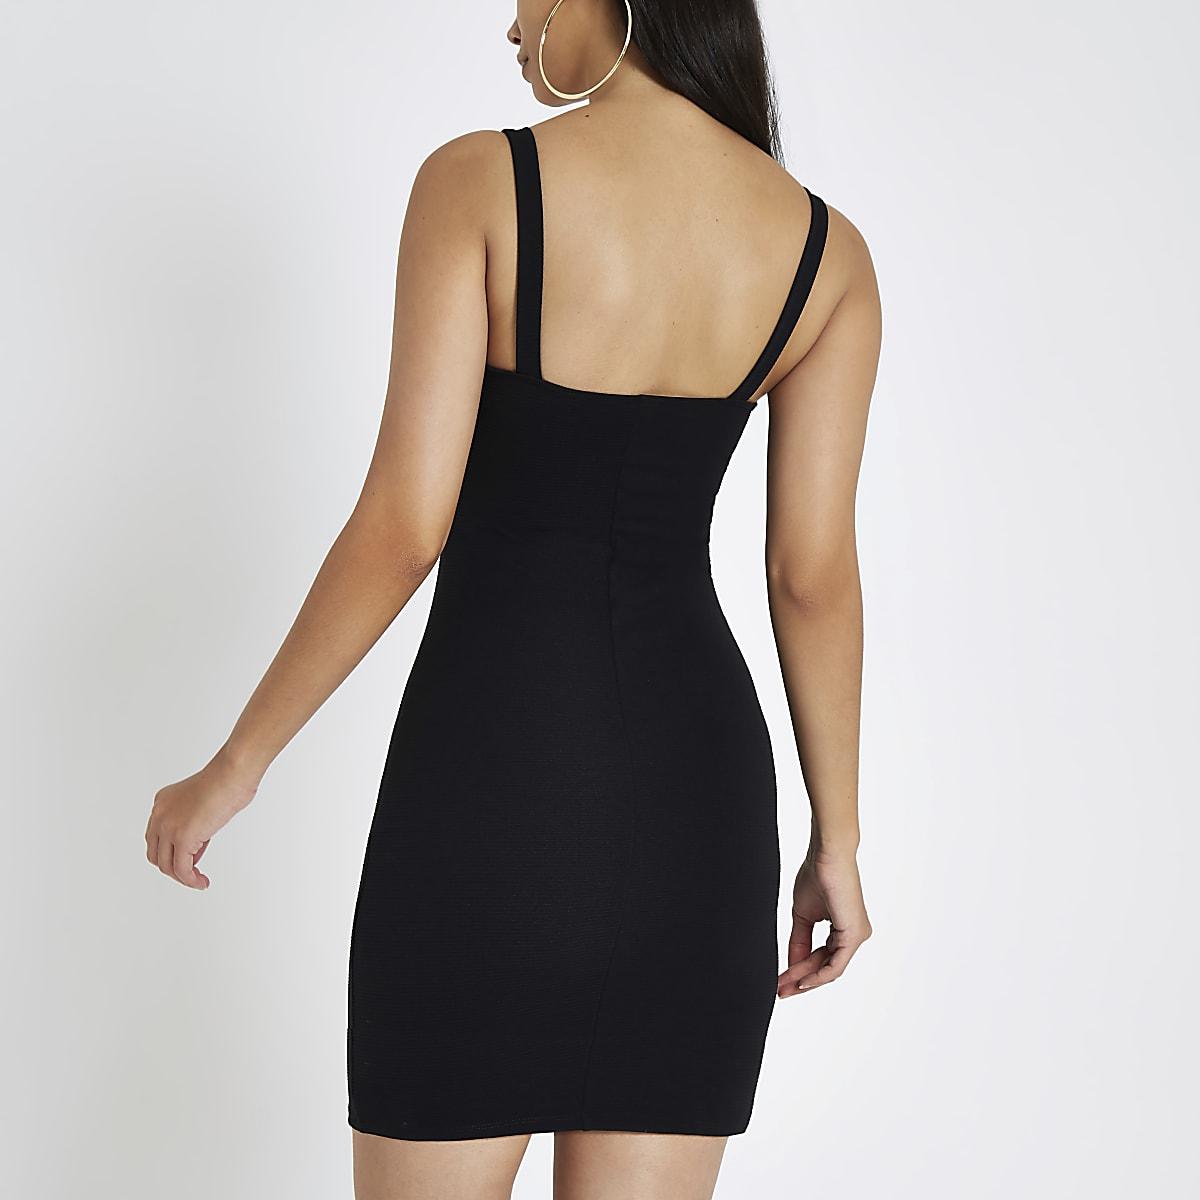 732e951947f Black buckle strap bodycon mini dress - Bodycon Dresses - Dresses ...